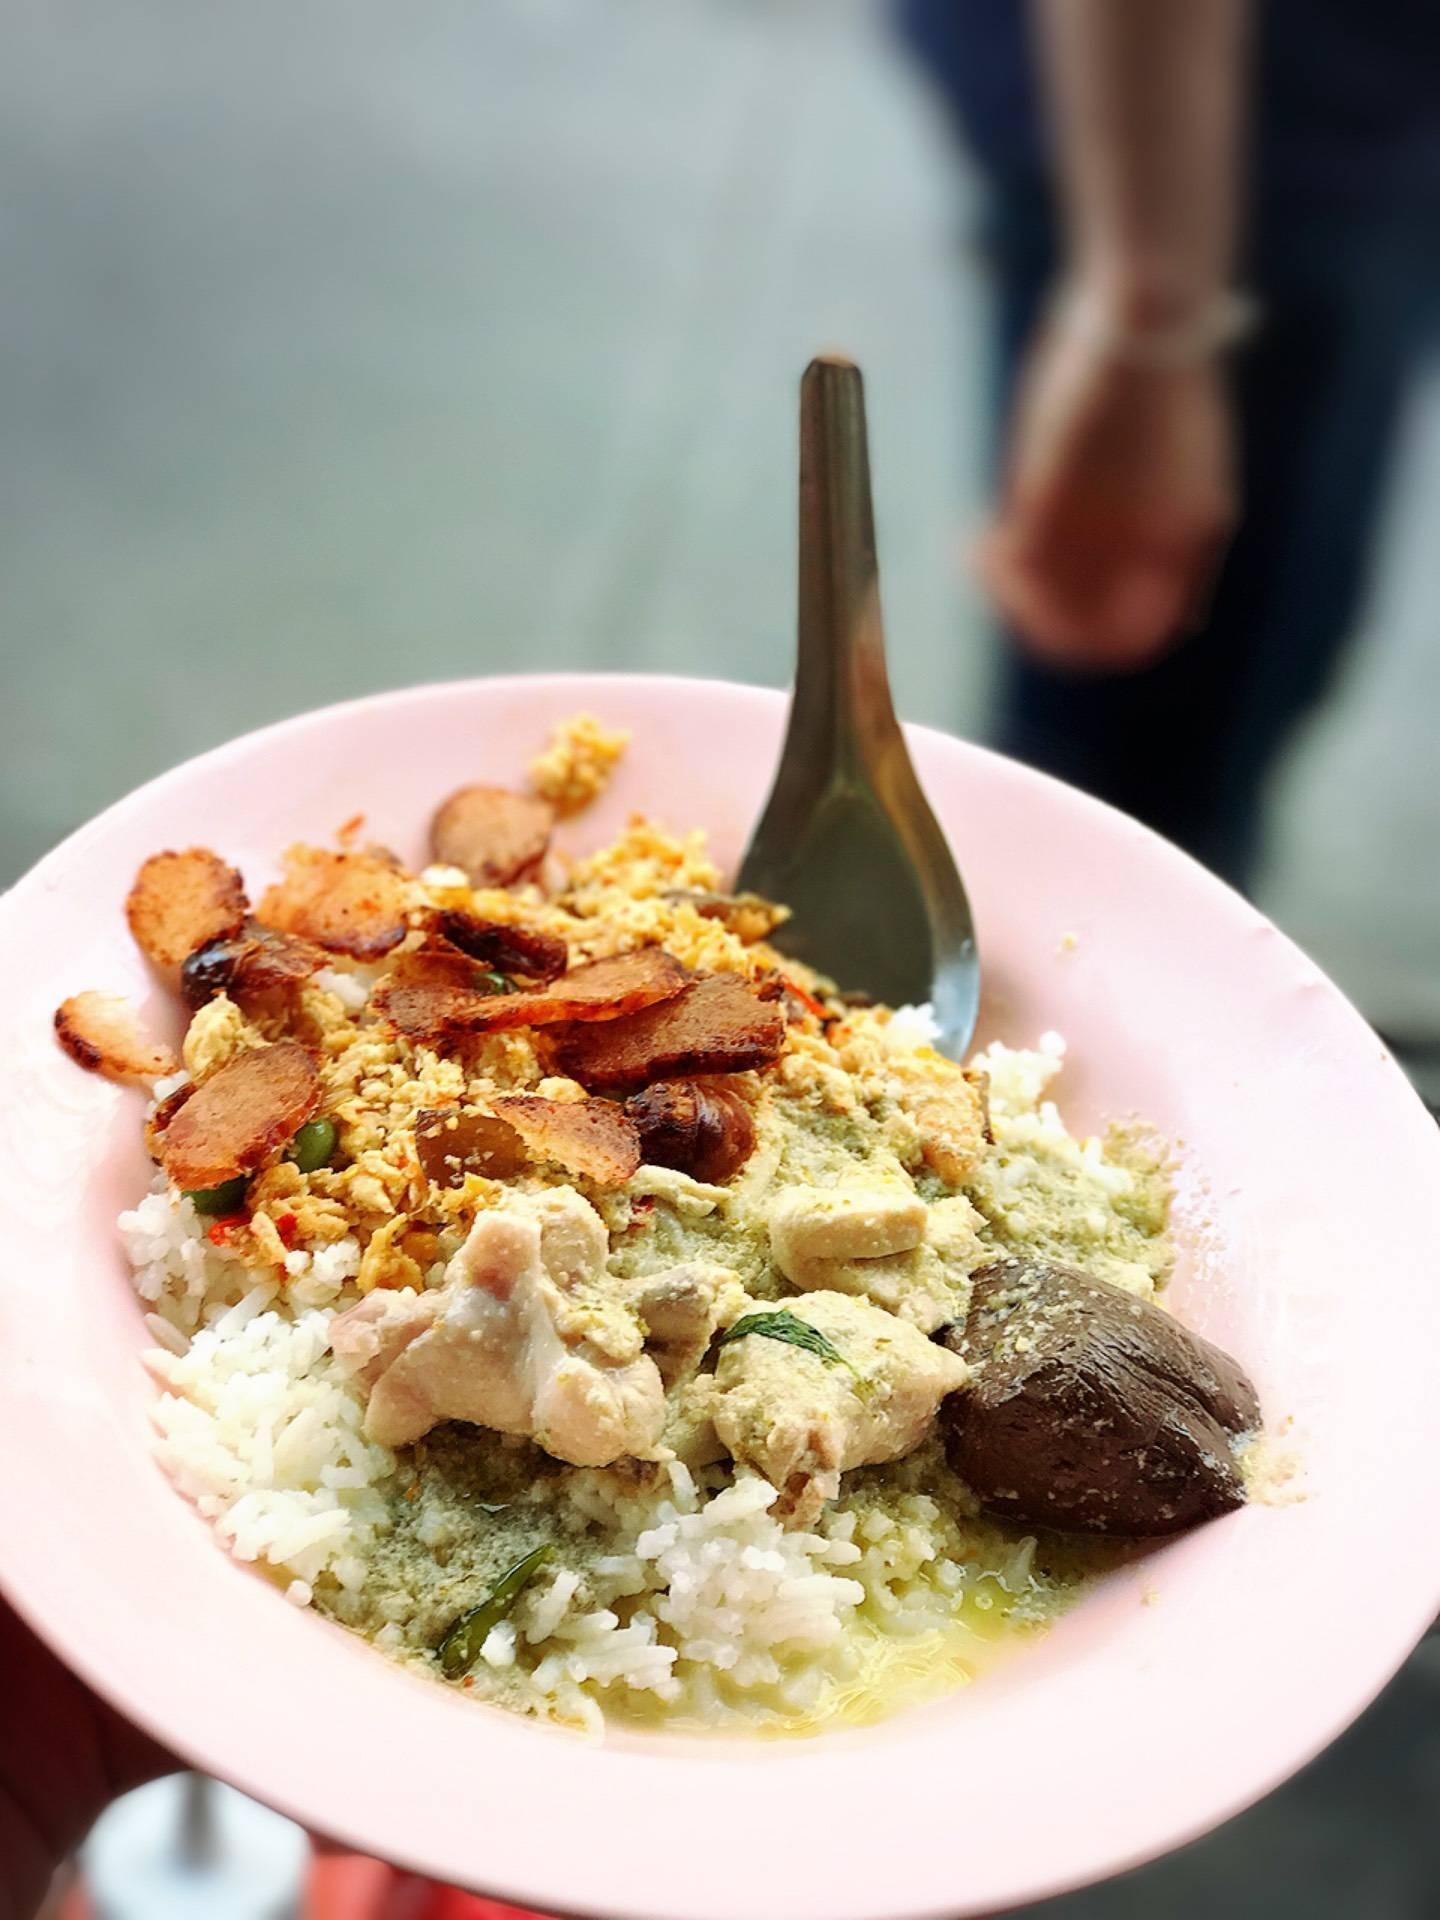 แกงเขียวหวานไก่ ผัดปู กุนเชียง